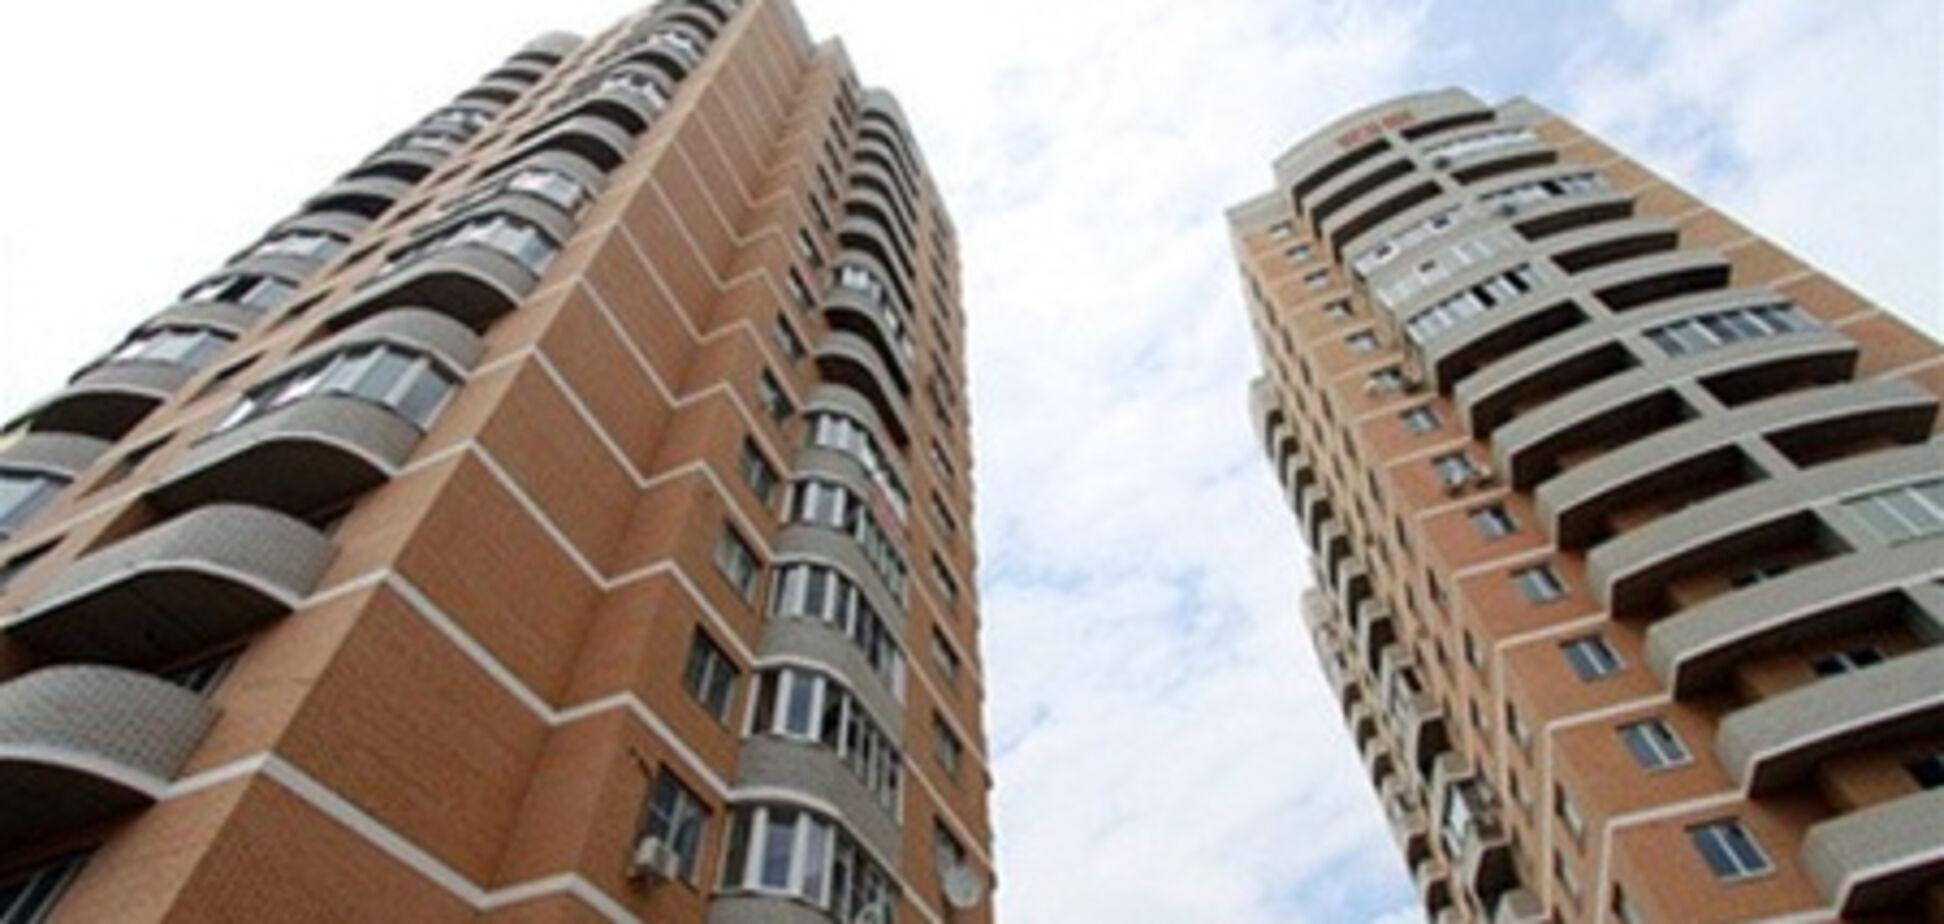 Аренда квартиры в Киеве подорожала, 17 октября 2012